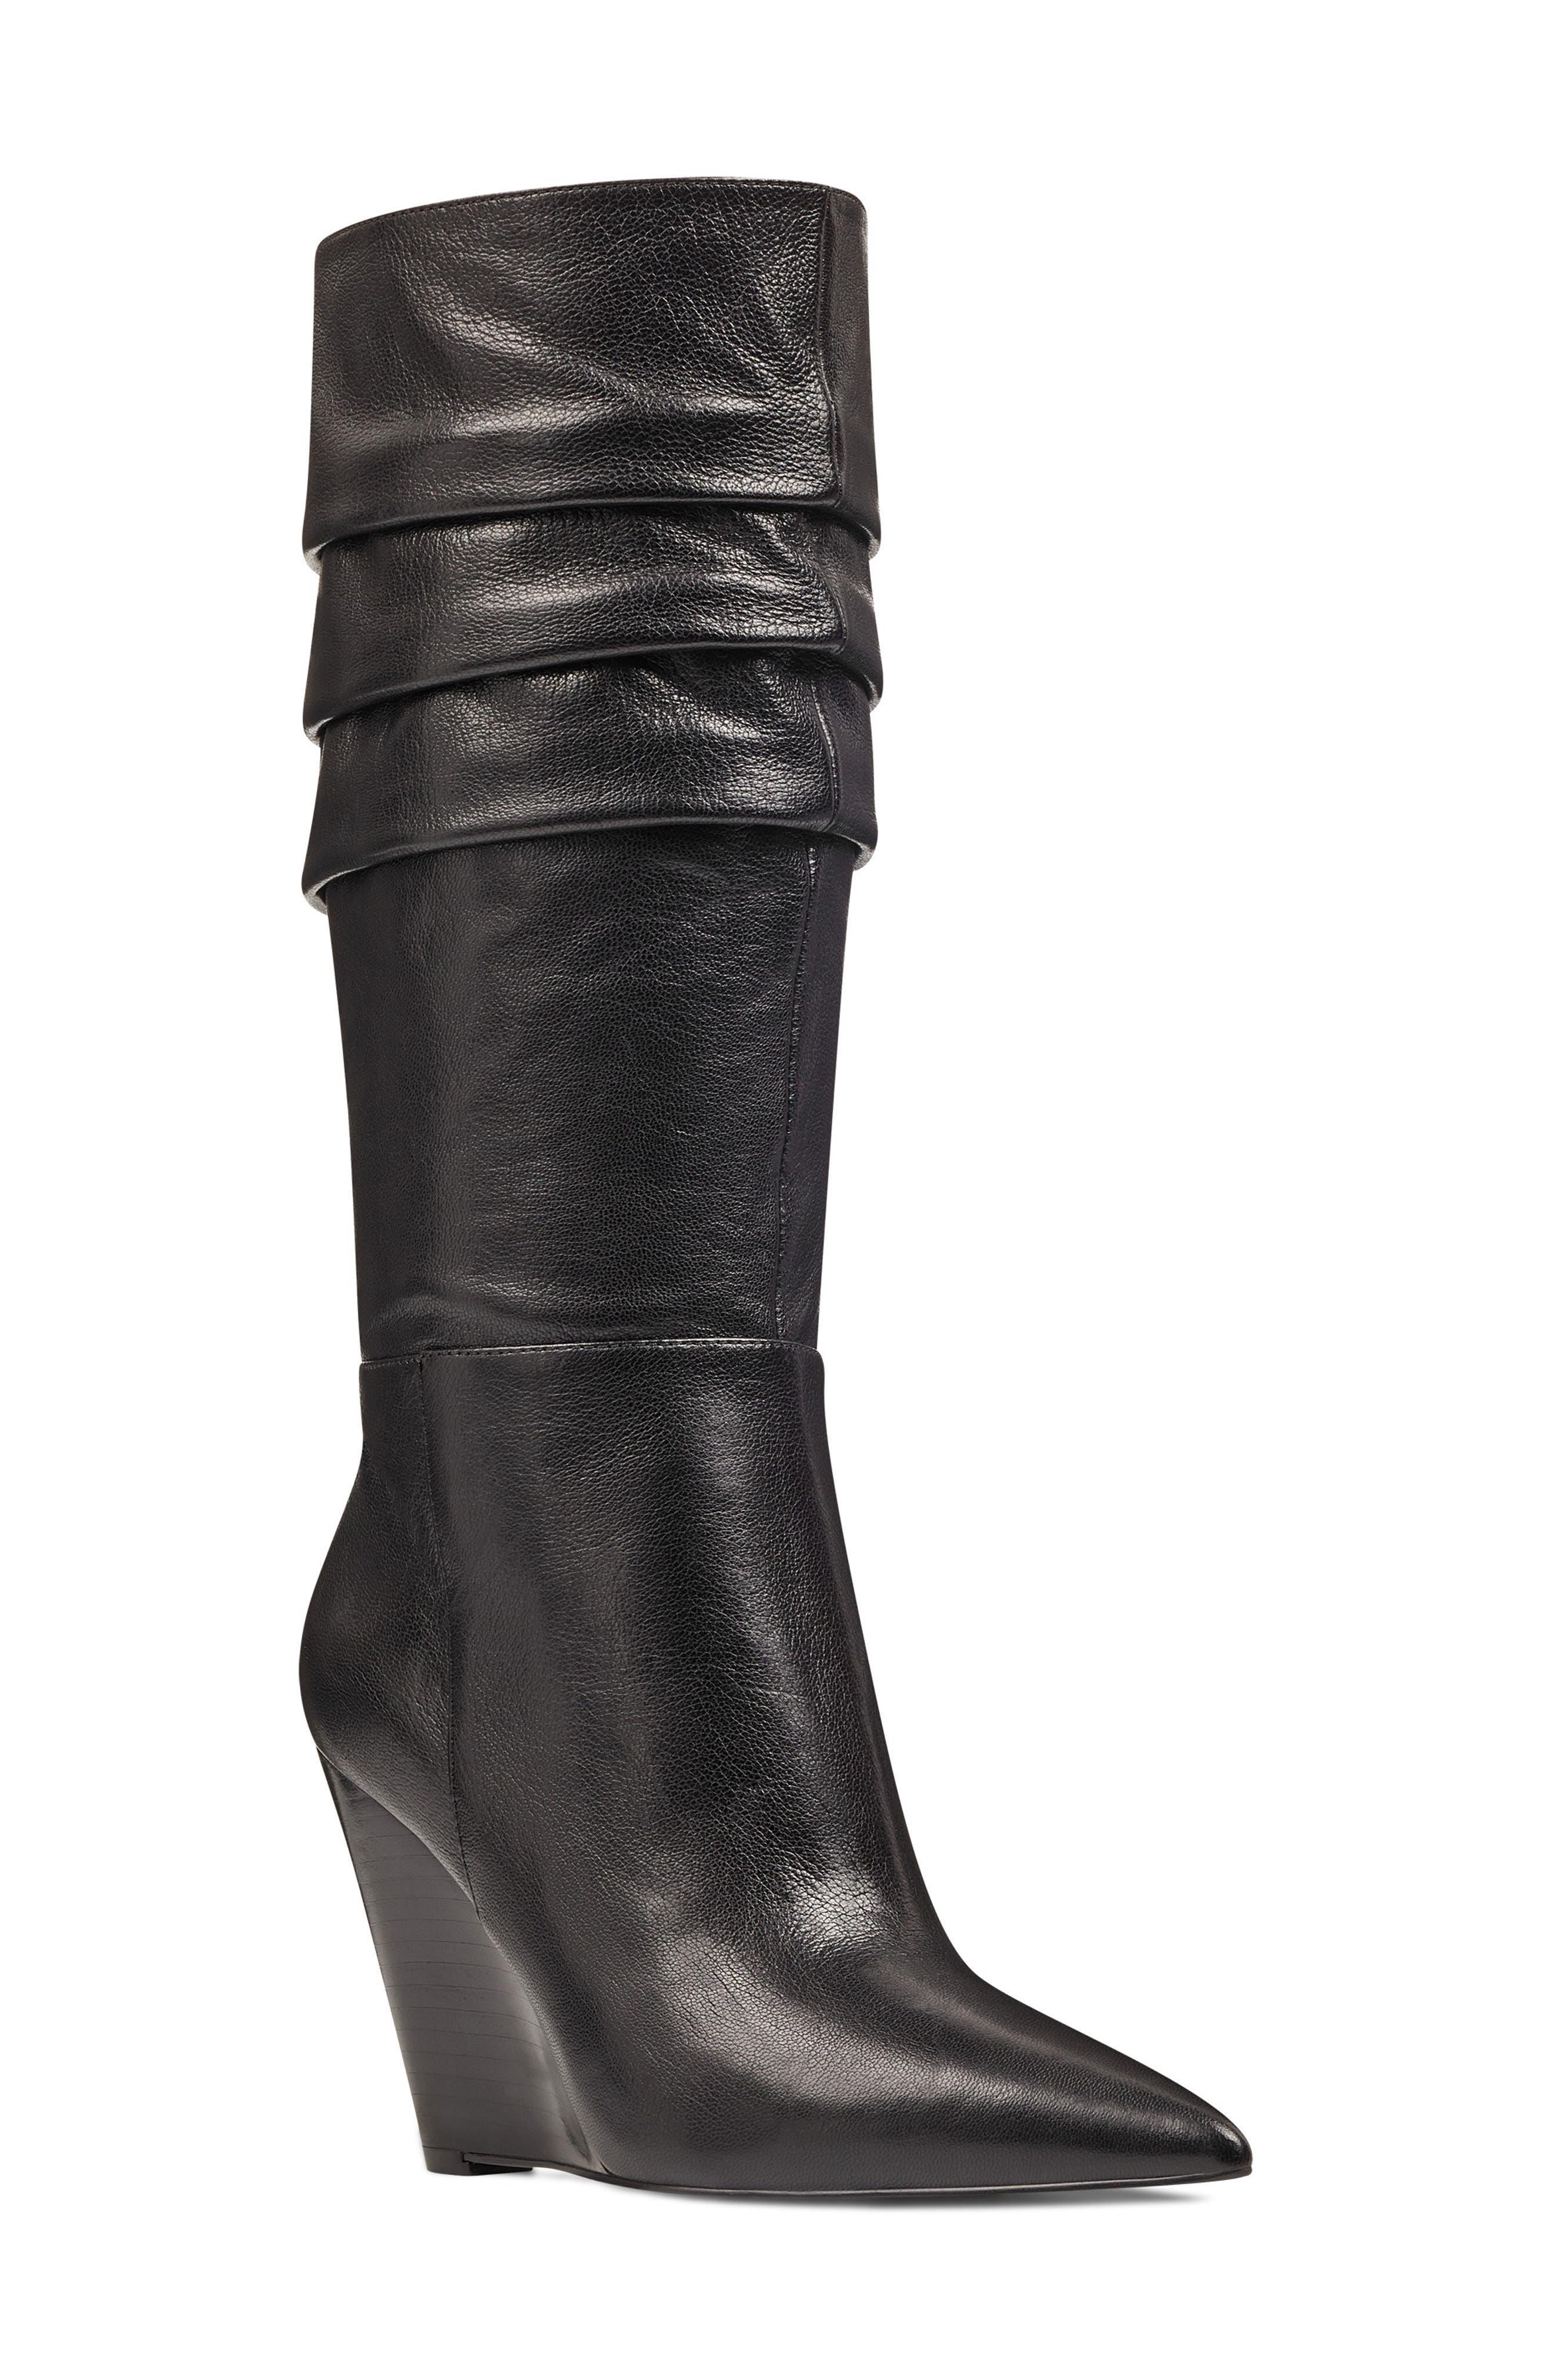 Nine West Vernese Tiered Knee High Wedge Boot- Black